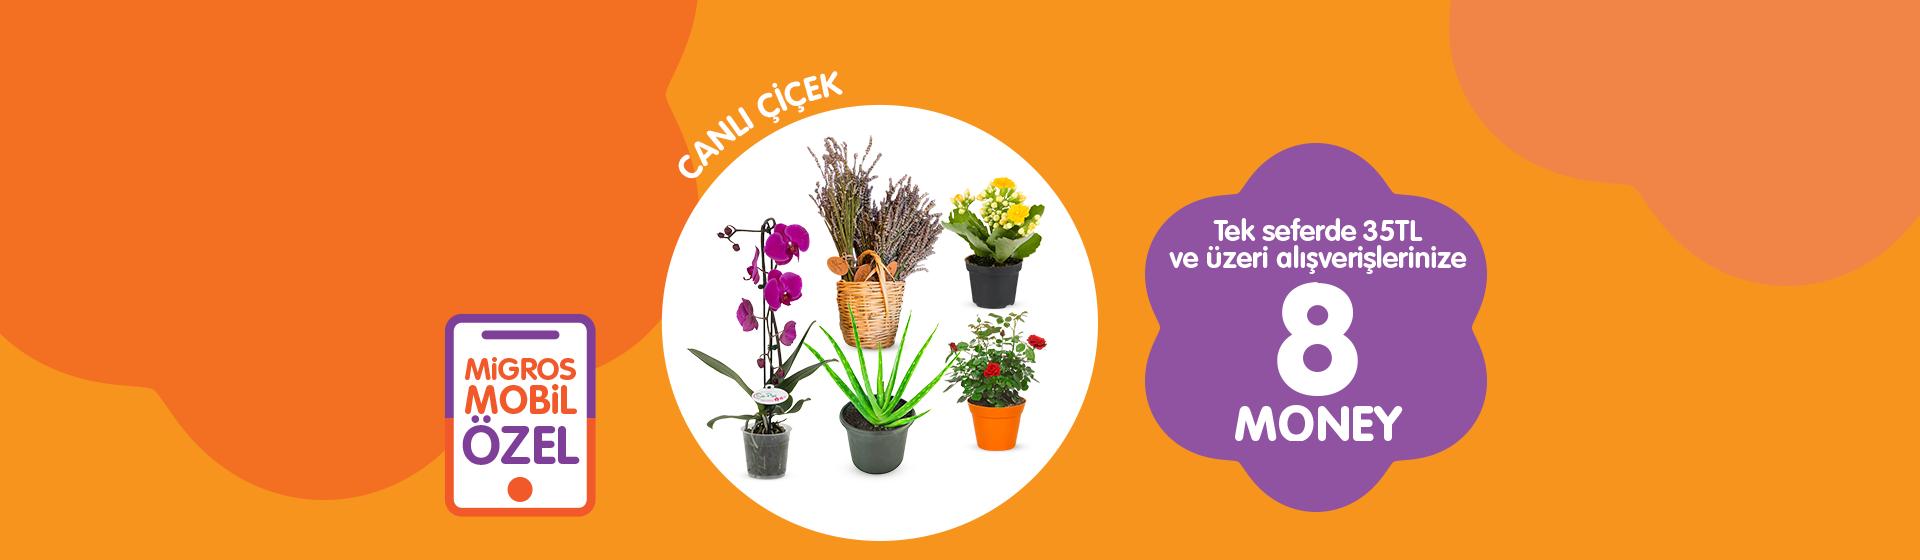 Canlı Çiçek Money Kampanyası